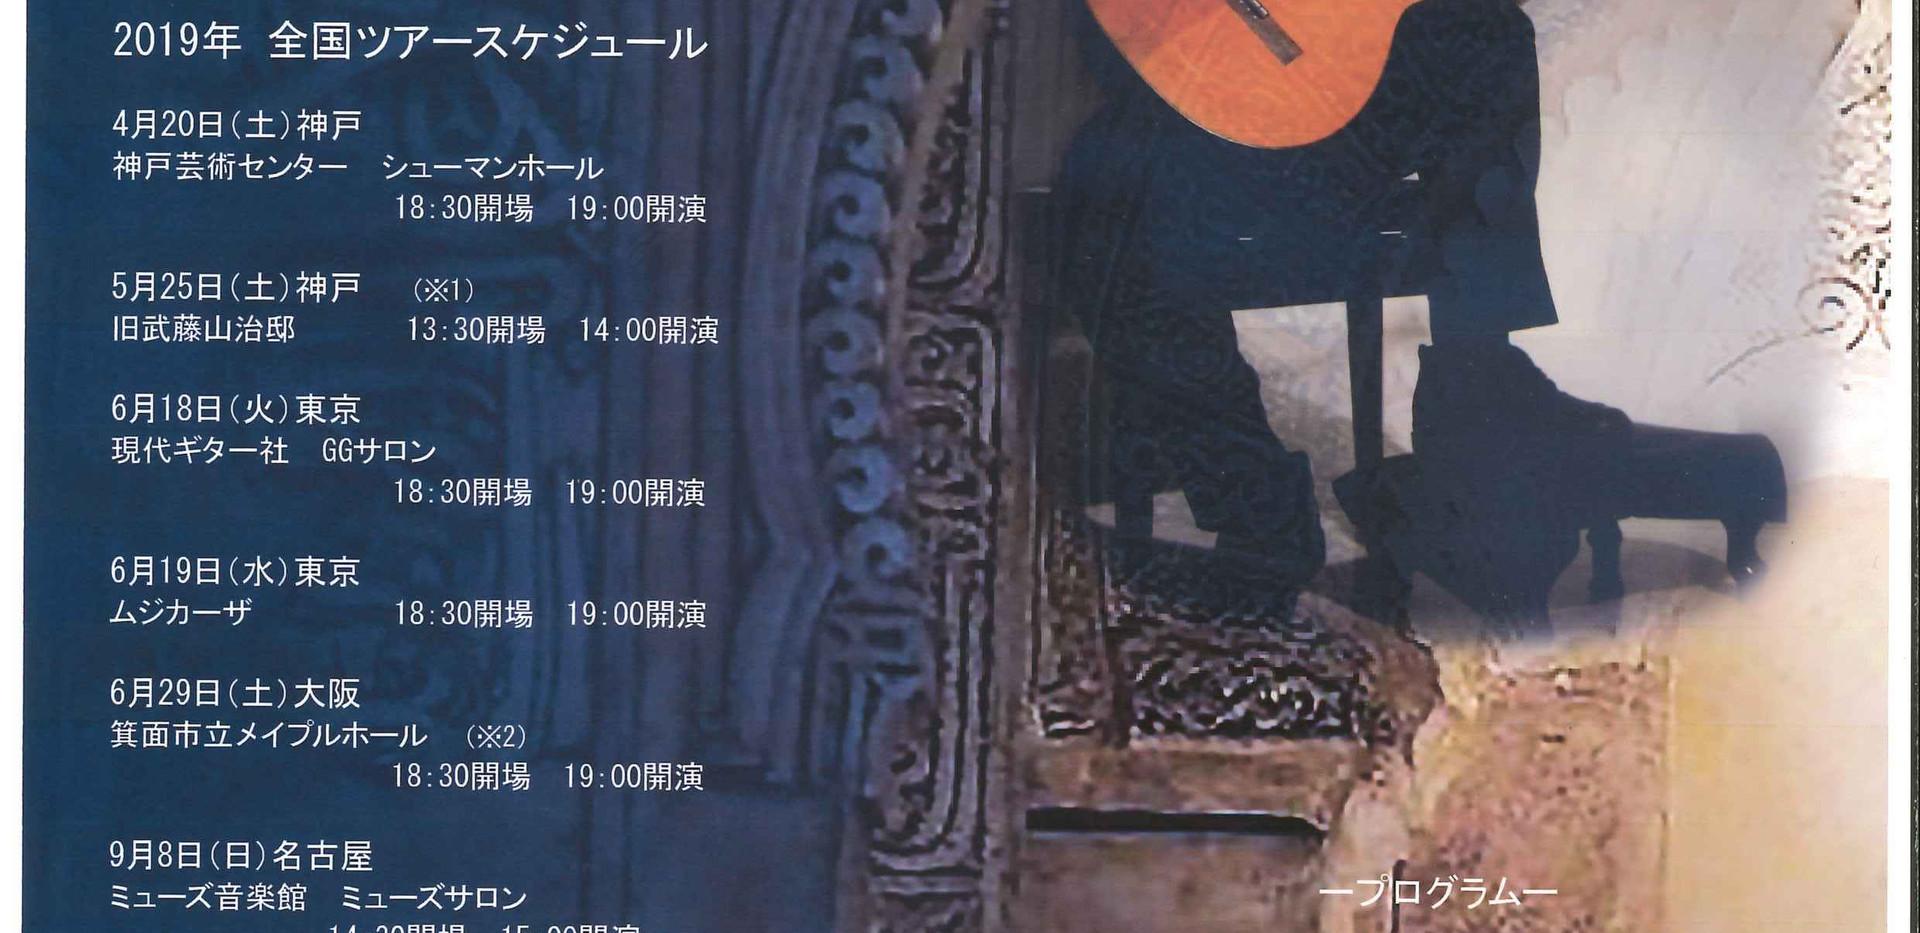 とうじんポスター12.30.jpg